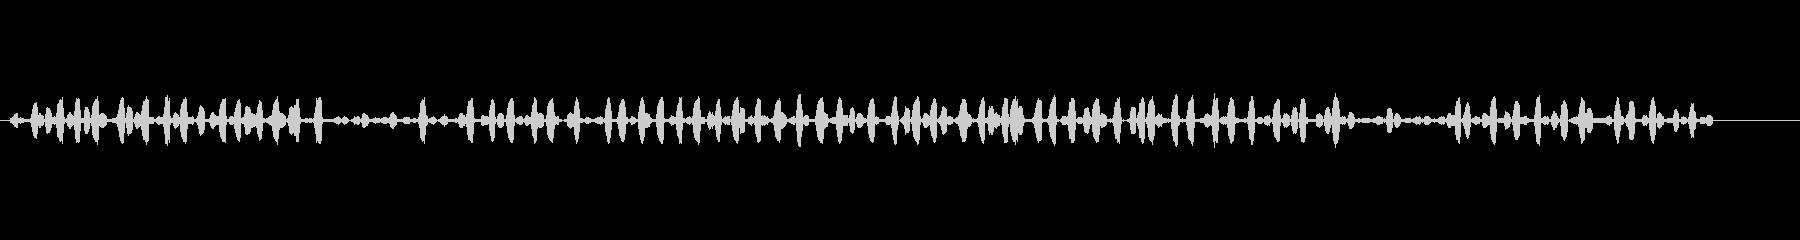 カエル-南フランス-アマガエルの未再生の波形